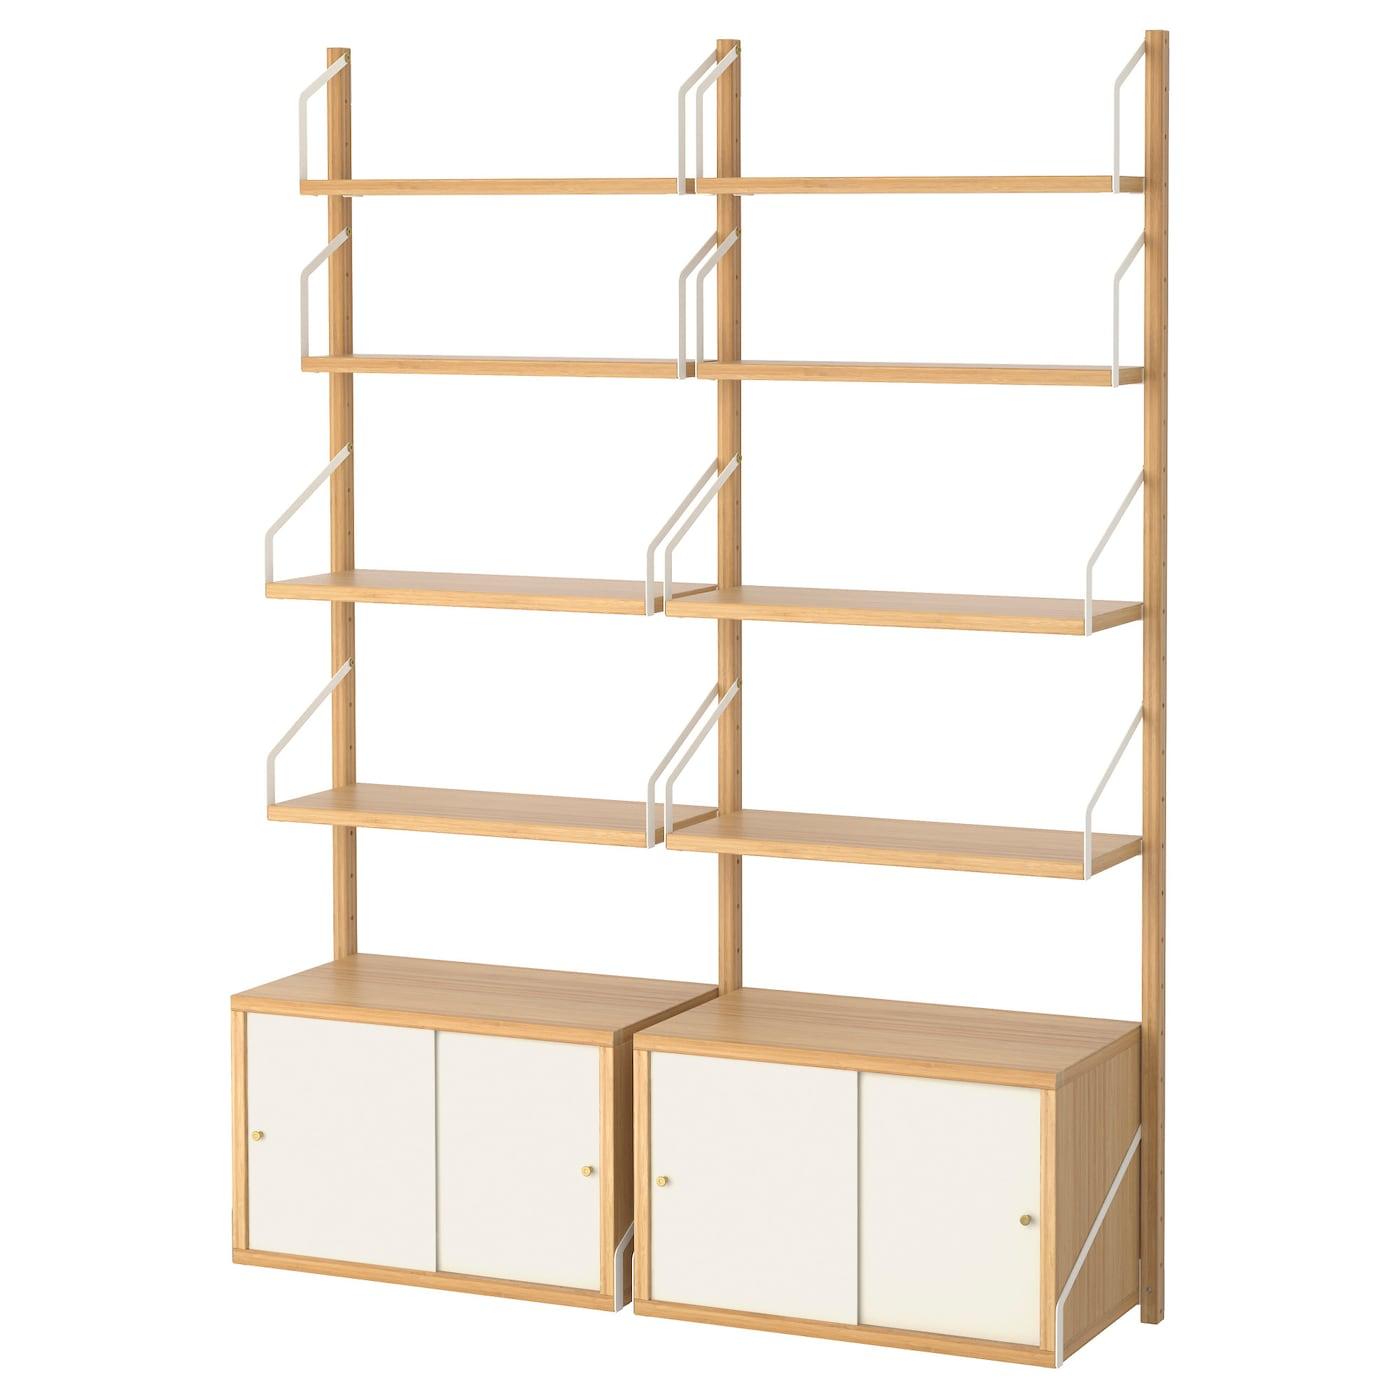 Estanter�as modulares, bamb�/blanco